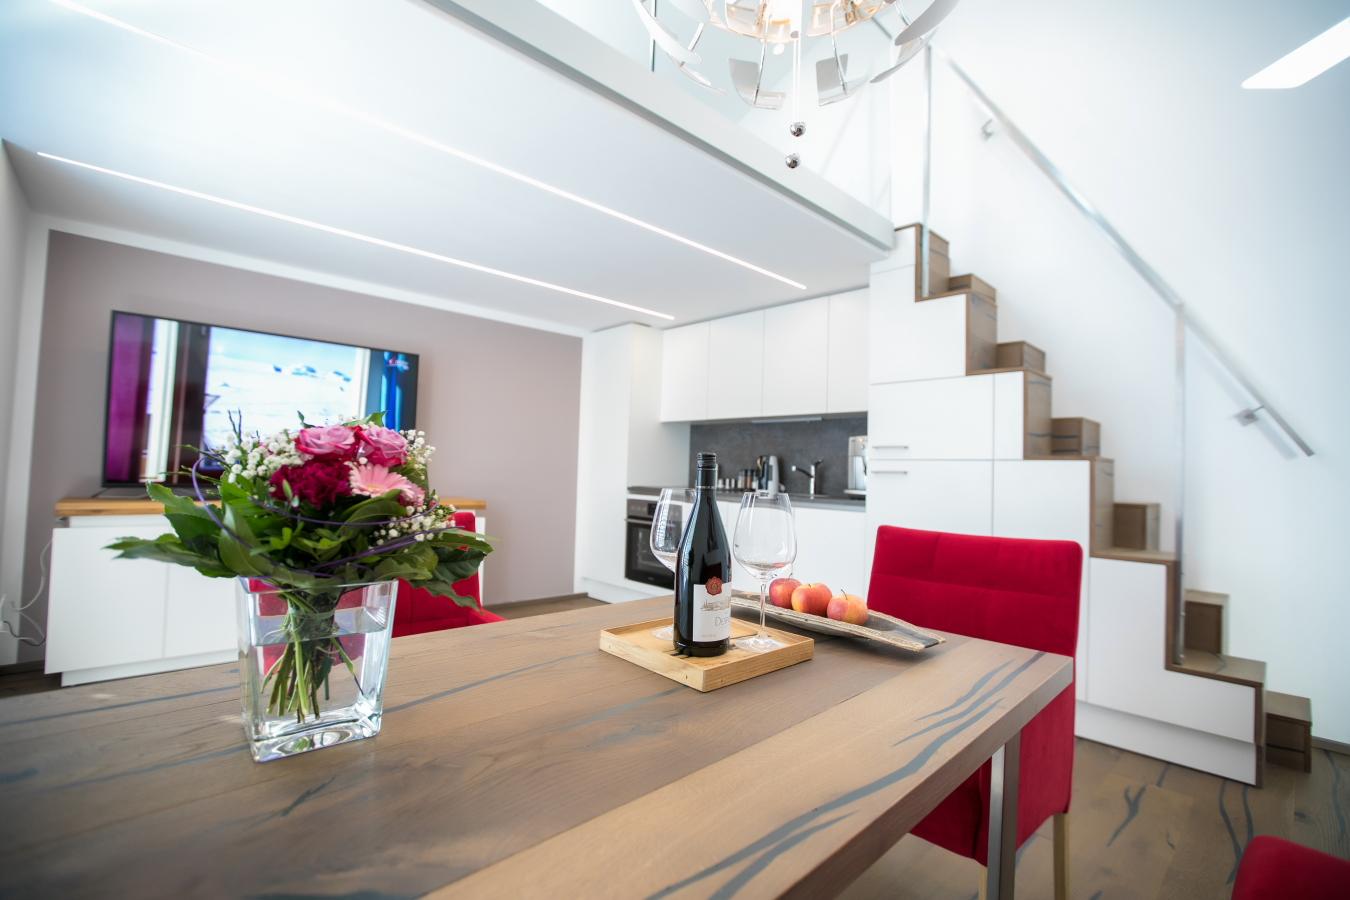 Wohnzimmer mit Blick zur Galerie